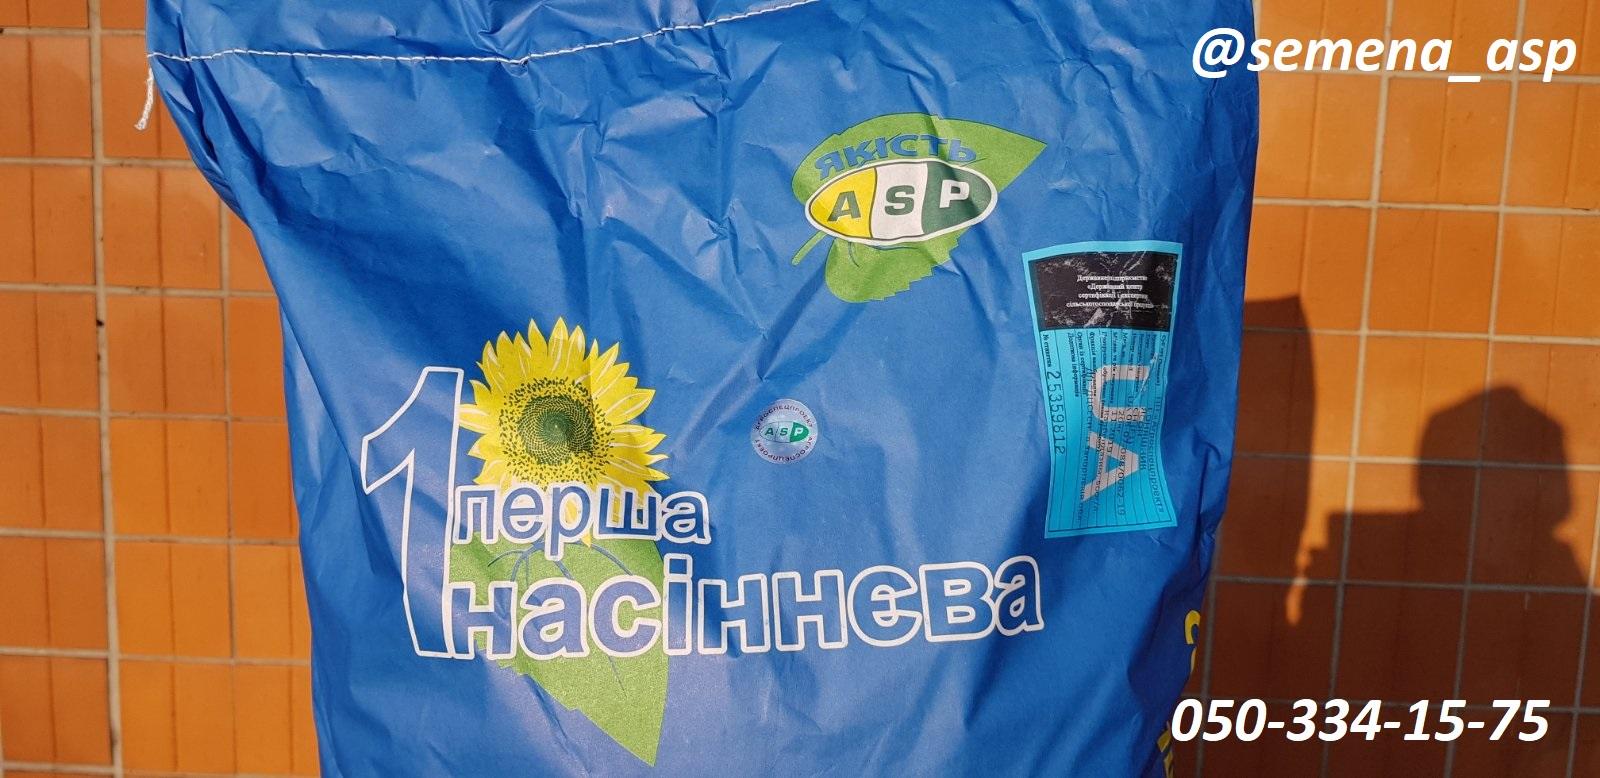 Семена подсолнечника Ясон покупайте по доступной цене